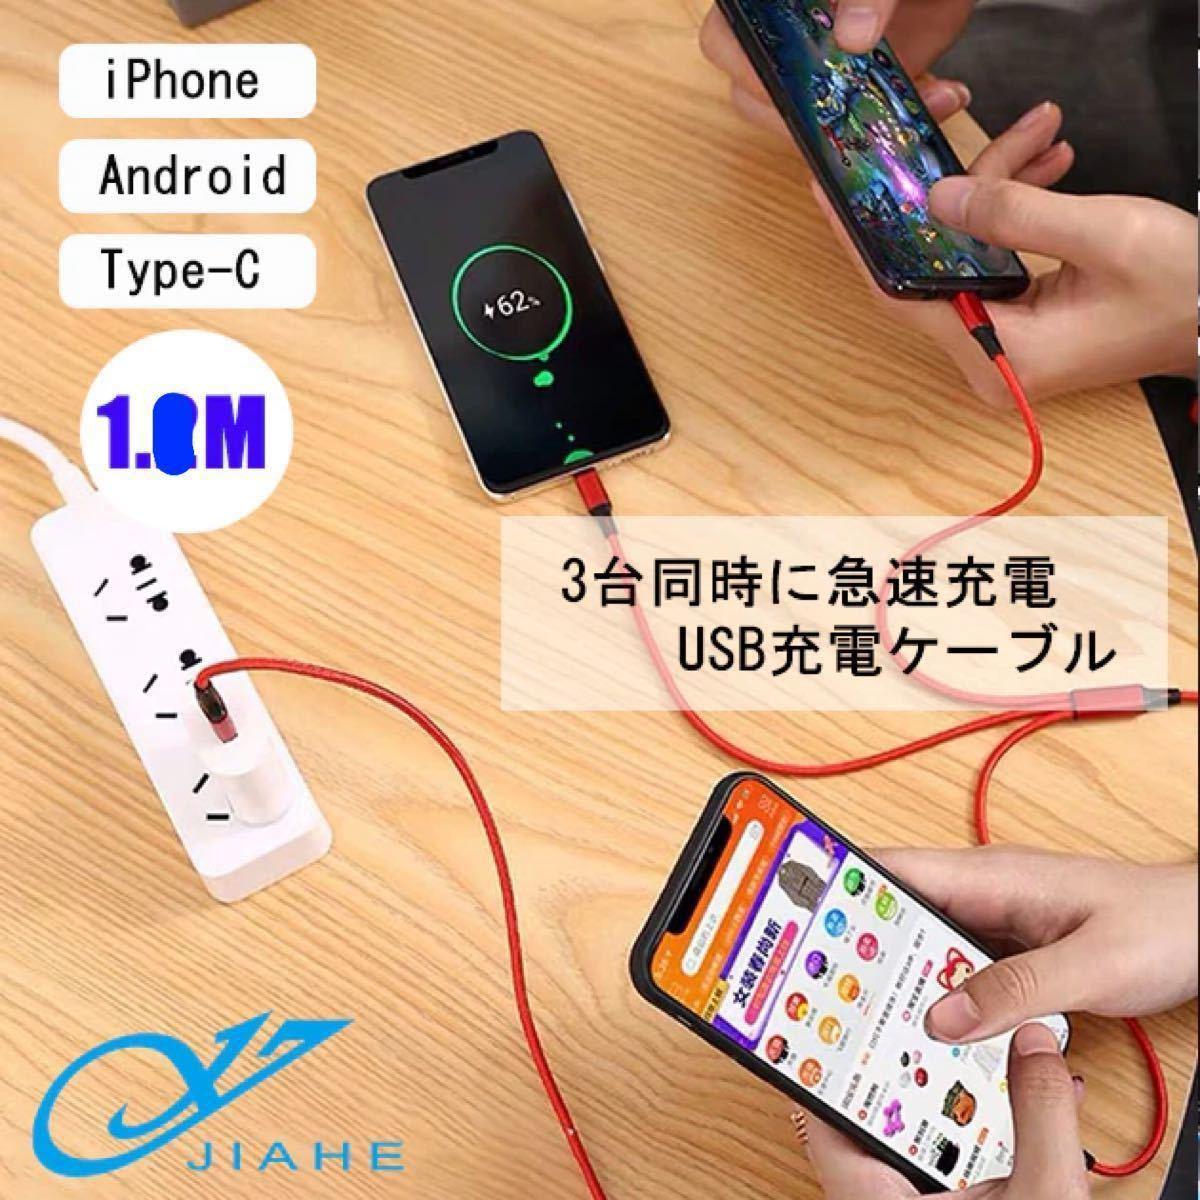 充電ケーブル 3in1 ナイロン レッド、ゴールド iPhone Android、Type-C USB 3台同時急速充電